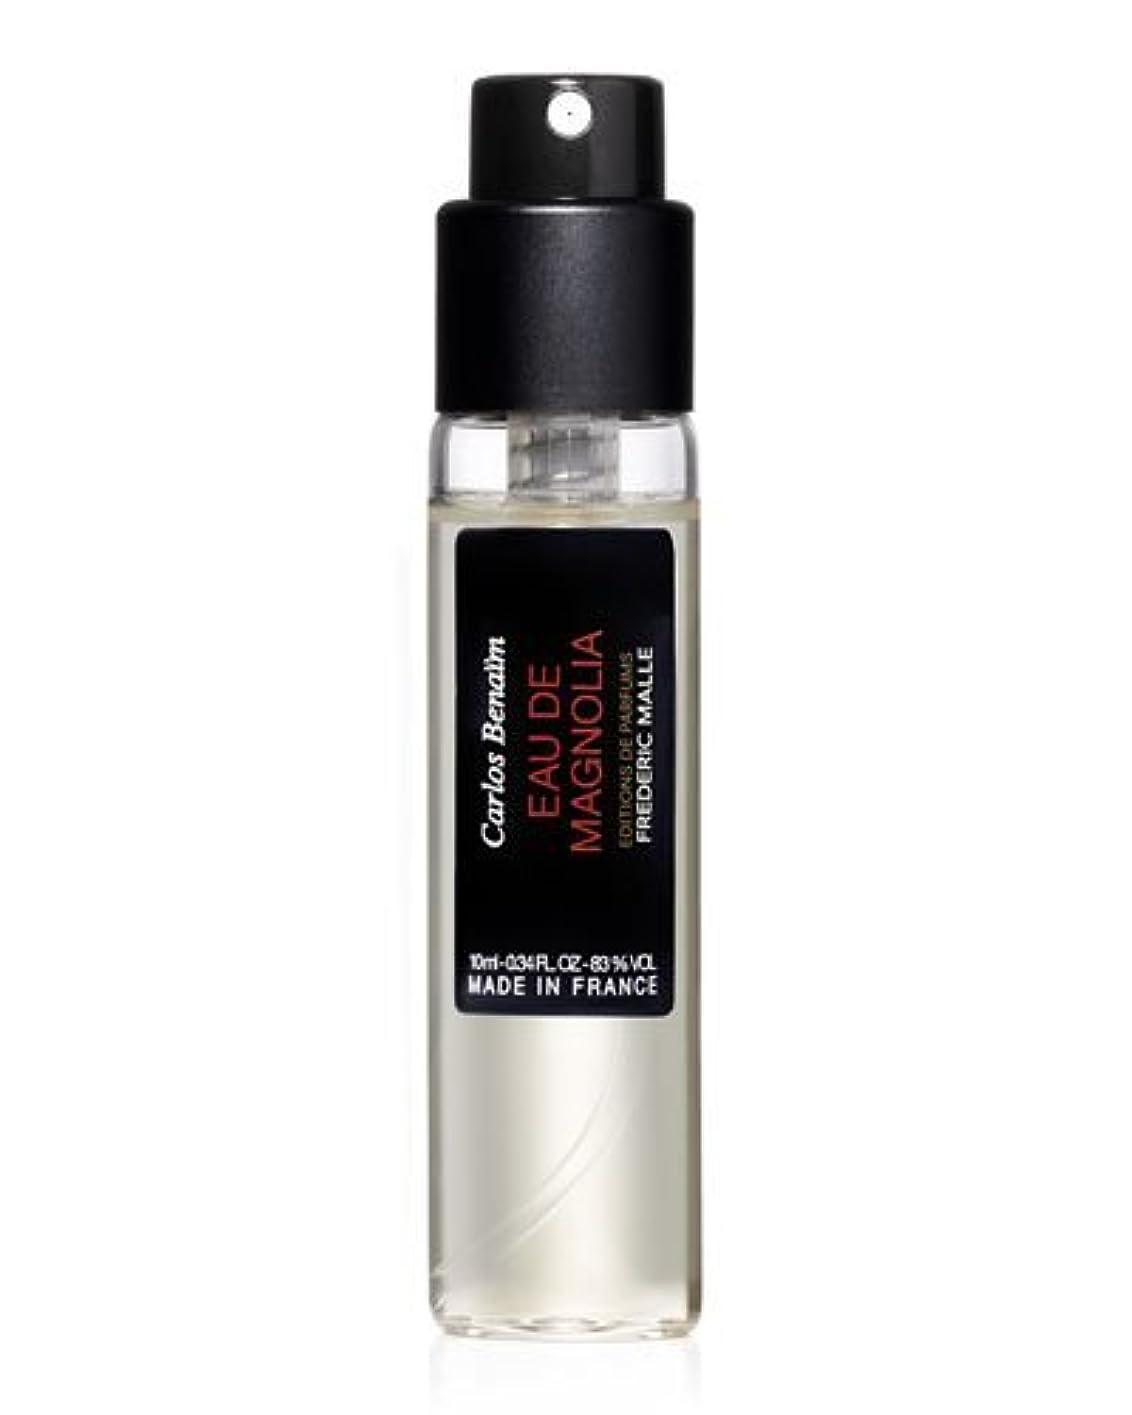 ホームレス受賞キモいFrederic Malle Eau de Magnolia (フレデリック マル オーデ マグノリア) 0.33 oz (10ml) EDP Spray Refill